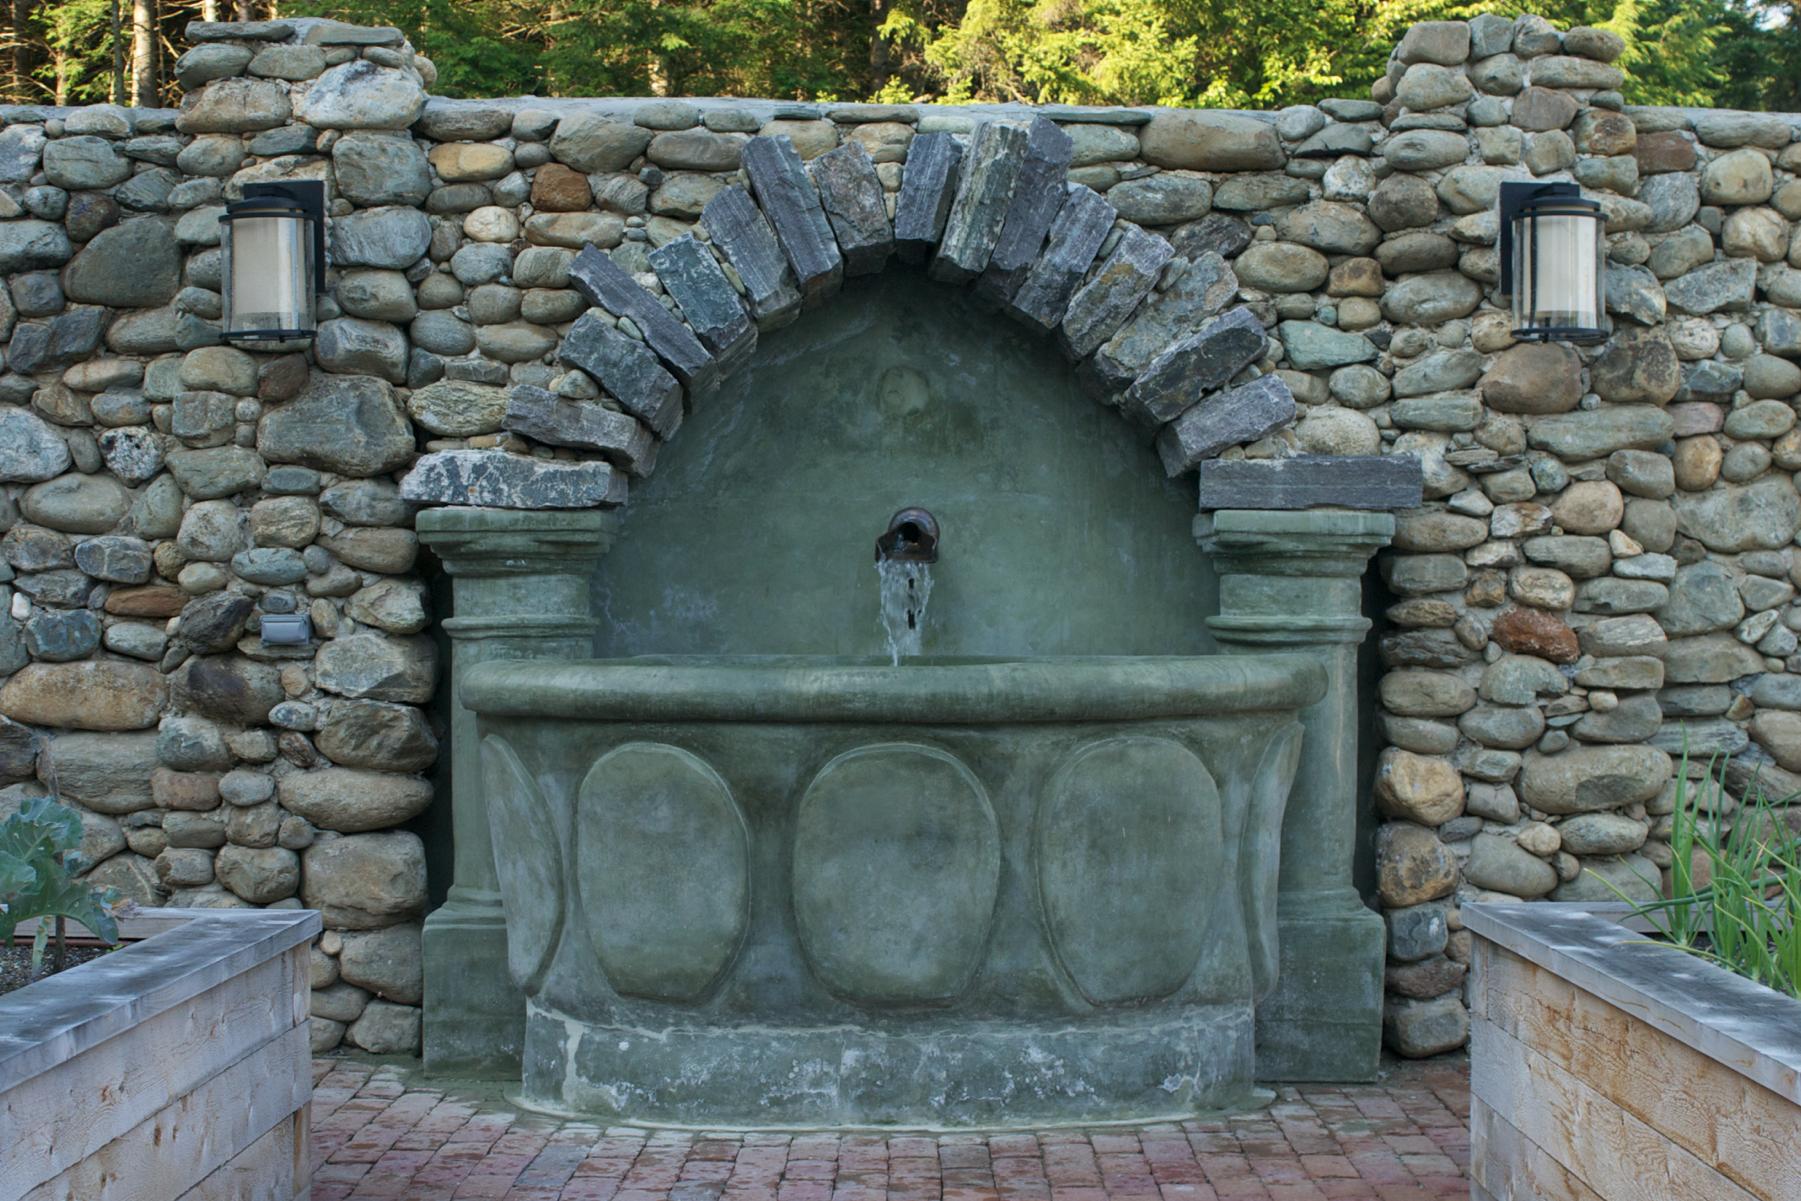 chap_fountain.png